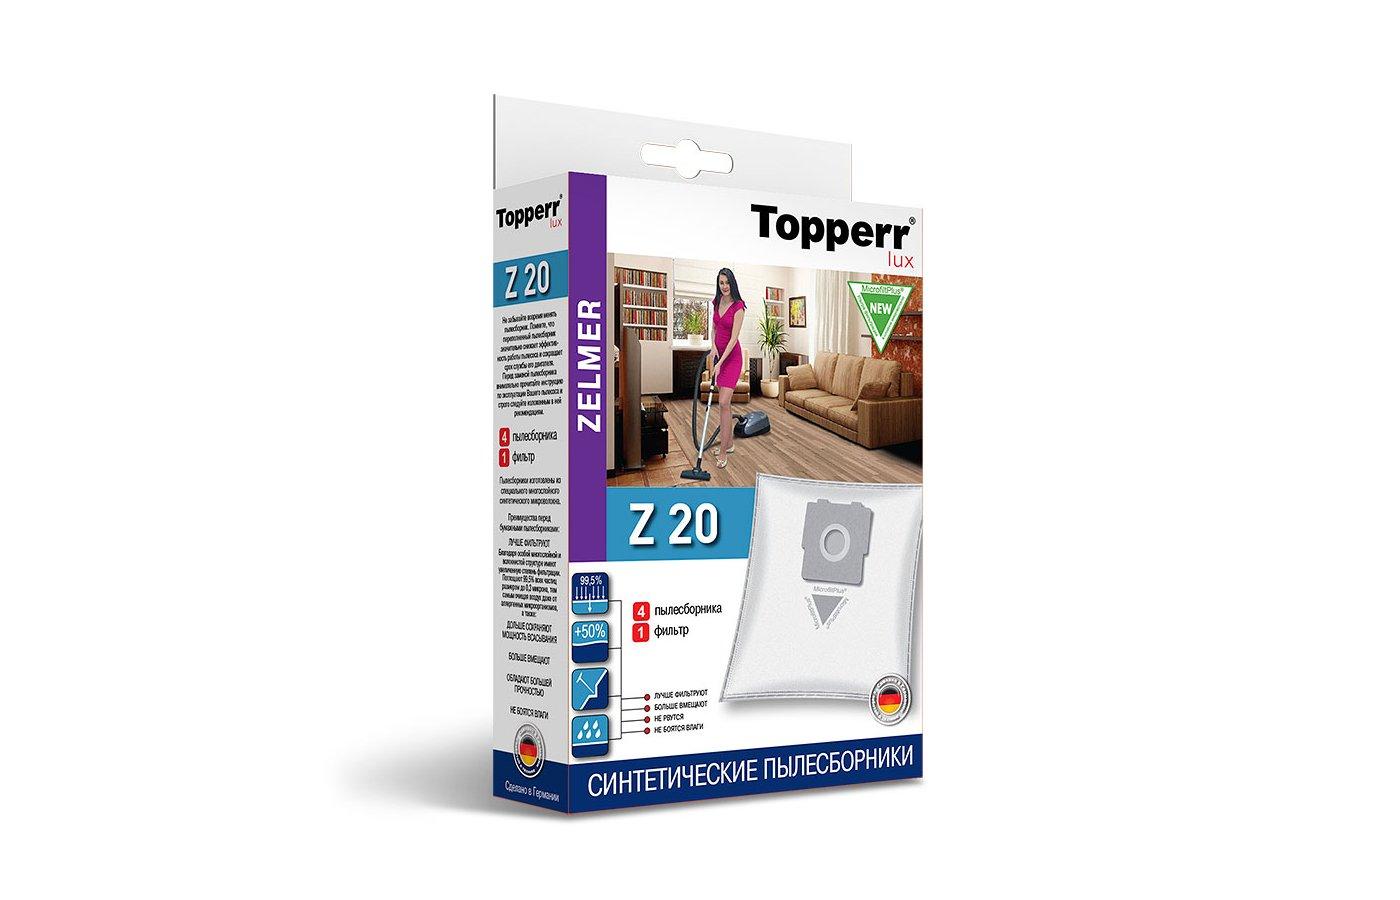 Фильтр для пылесоса TOPPERR LUX 1424 Z 20 синтетический д/пылесоса ZELMER 4 шт.в ед.